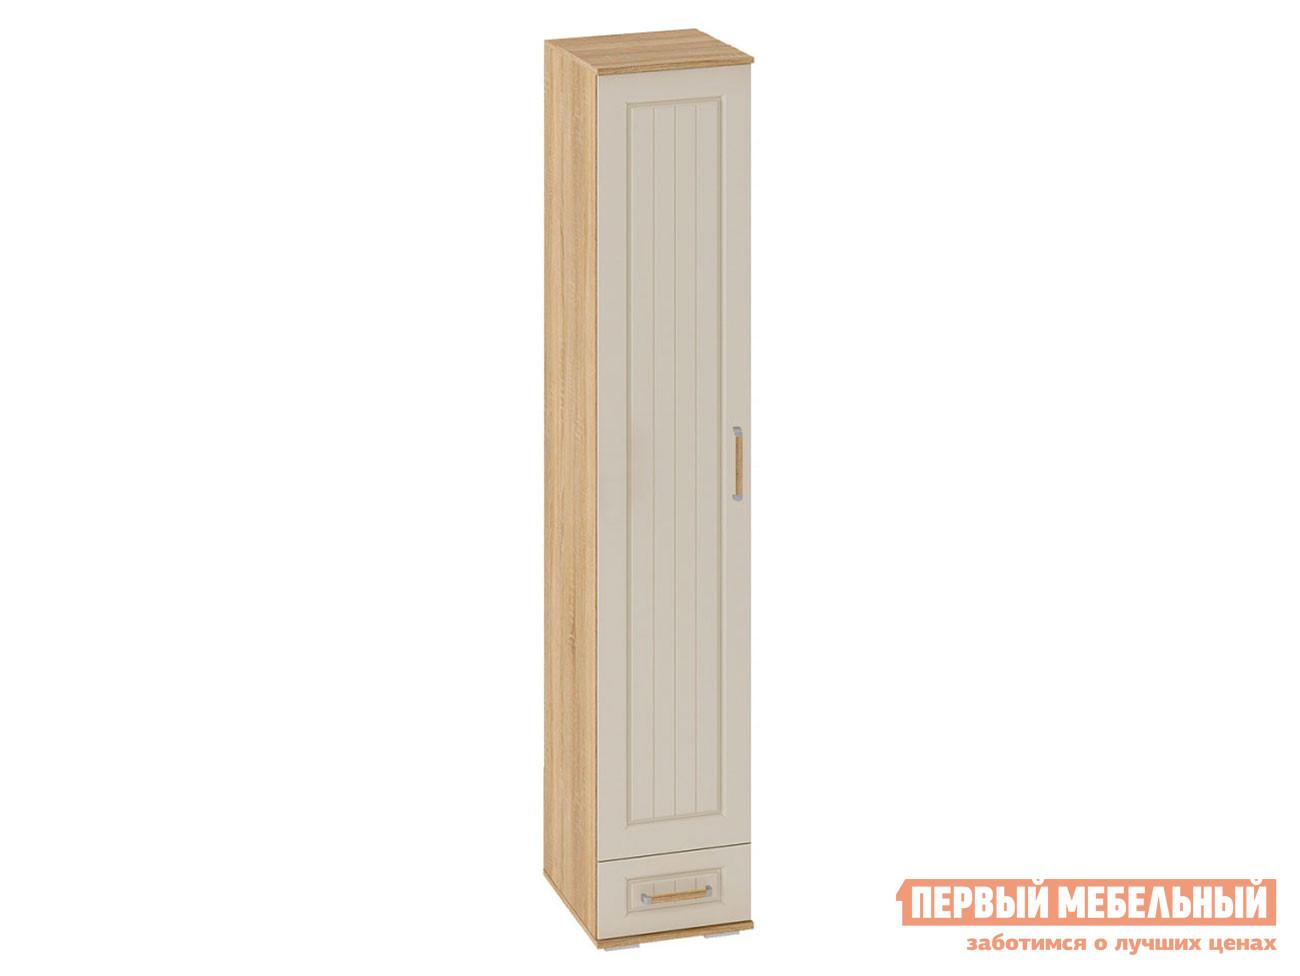 Шкаф-пенал Первый Мебельный Пенал Маркиза шкаф пенал первый мебельный пенал оскар 7 со штангой